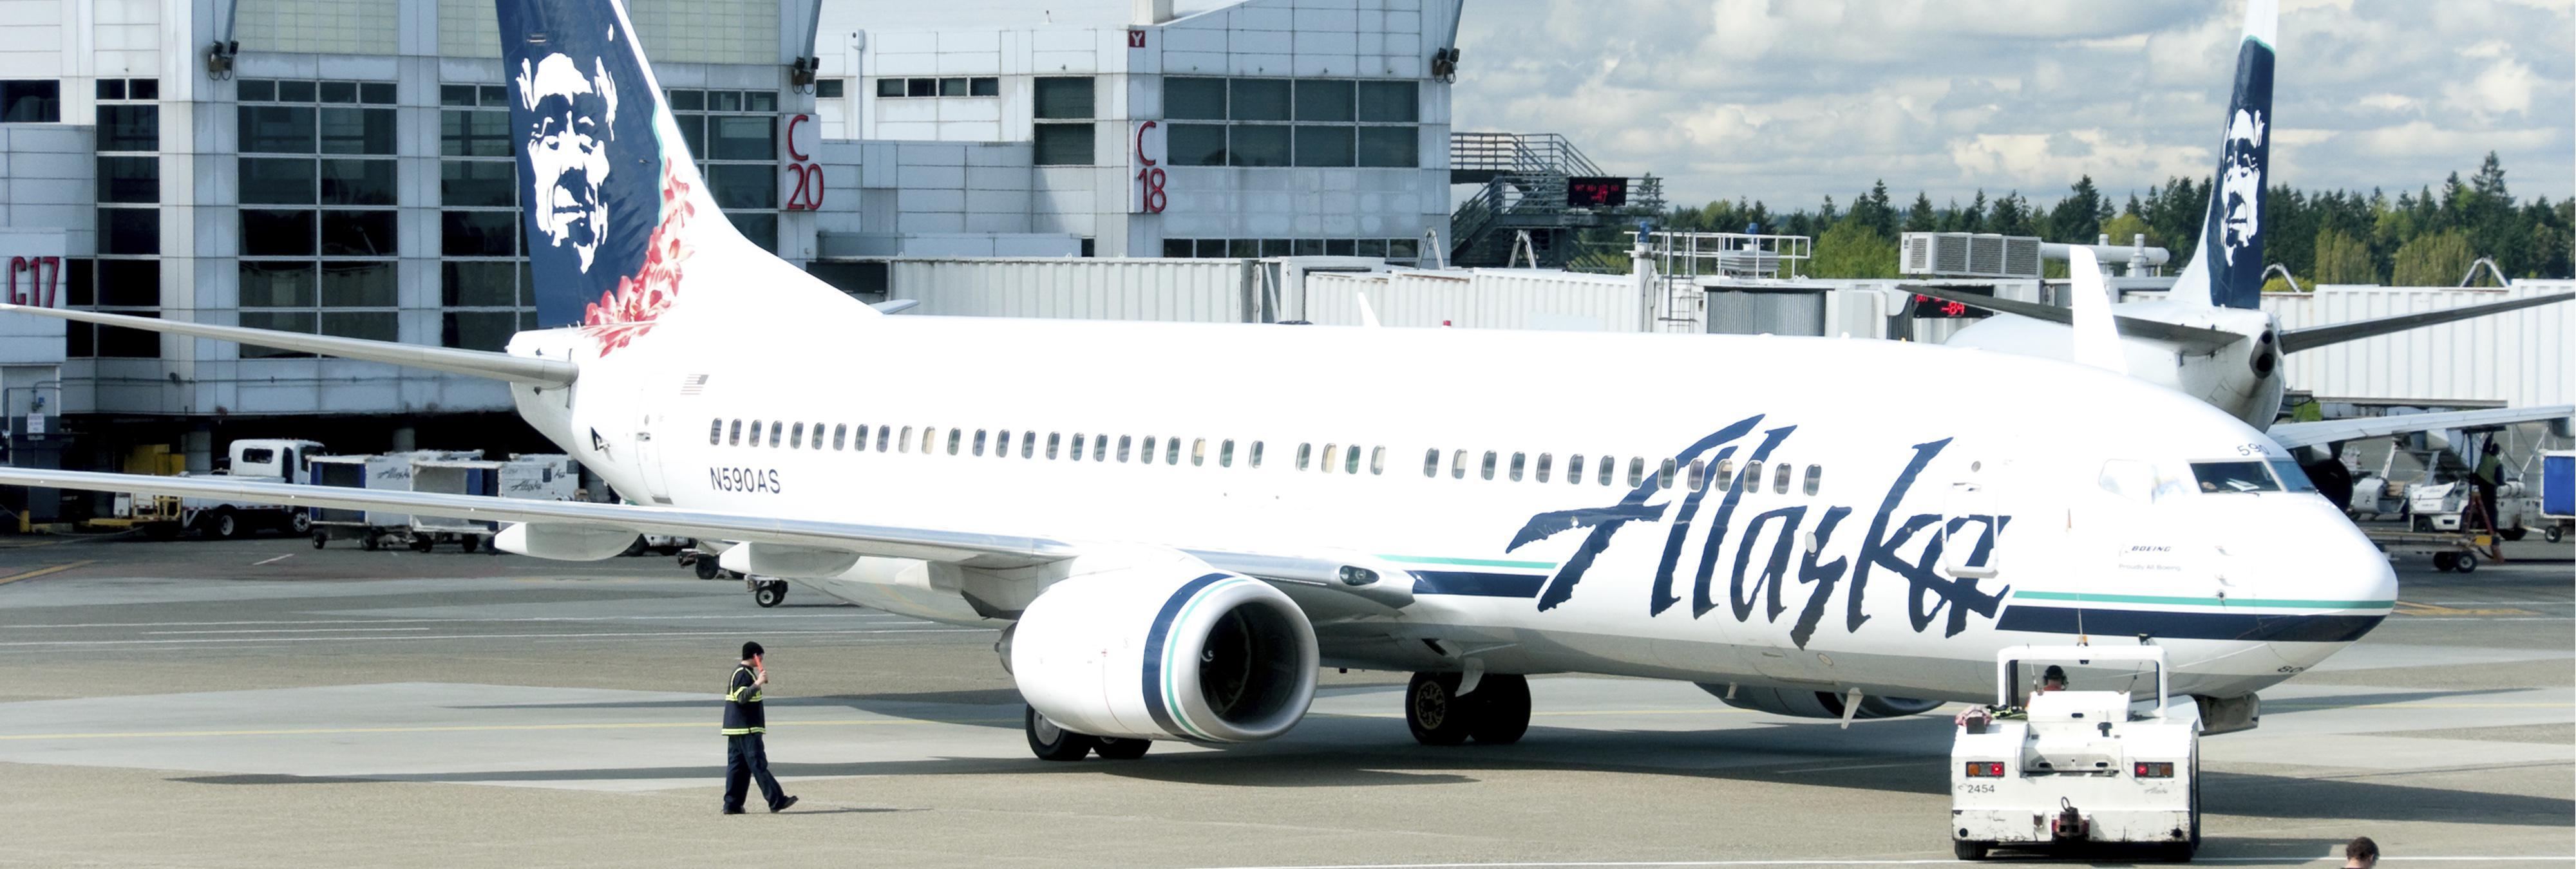 Una aerolínea saca del avión a uno de sus pasajeros por machista